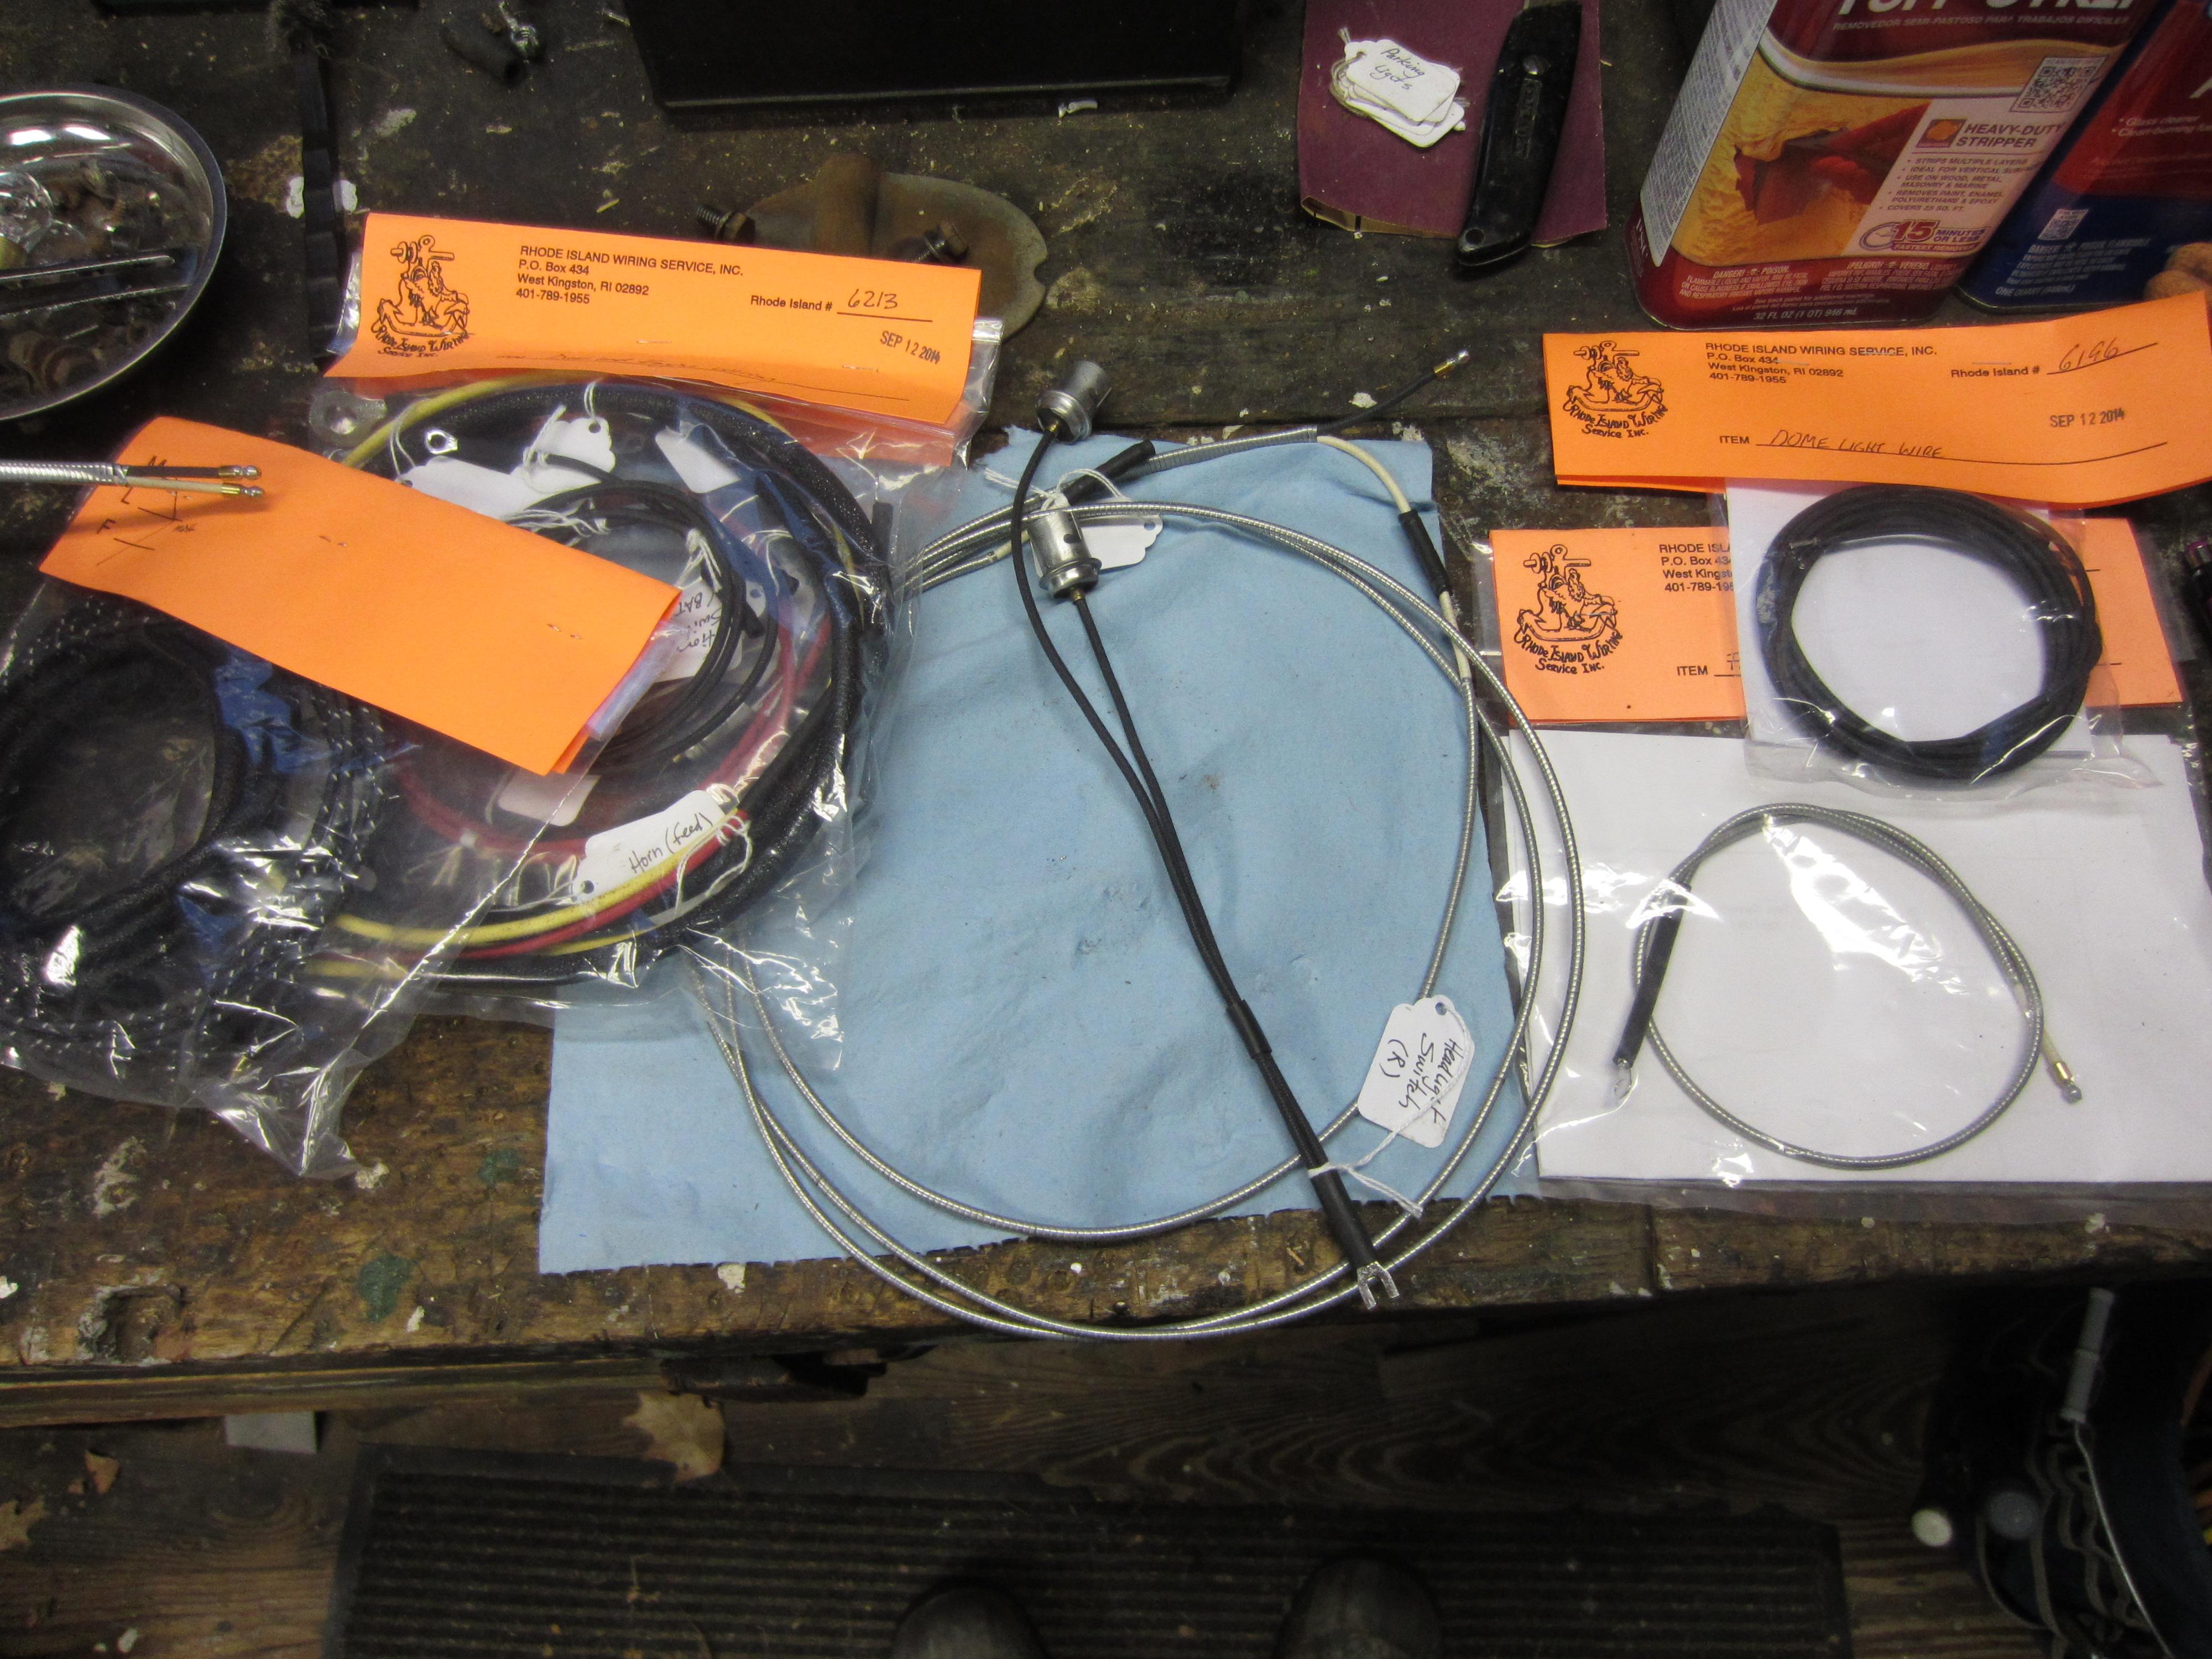 y z vs rhode island wiring hudson essex terraplane open forum rh forum hetclub org rhode island wiring harness catalog rhode island wiring harness